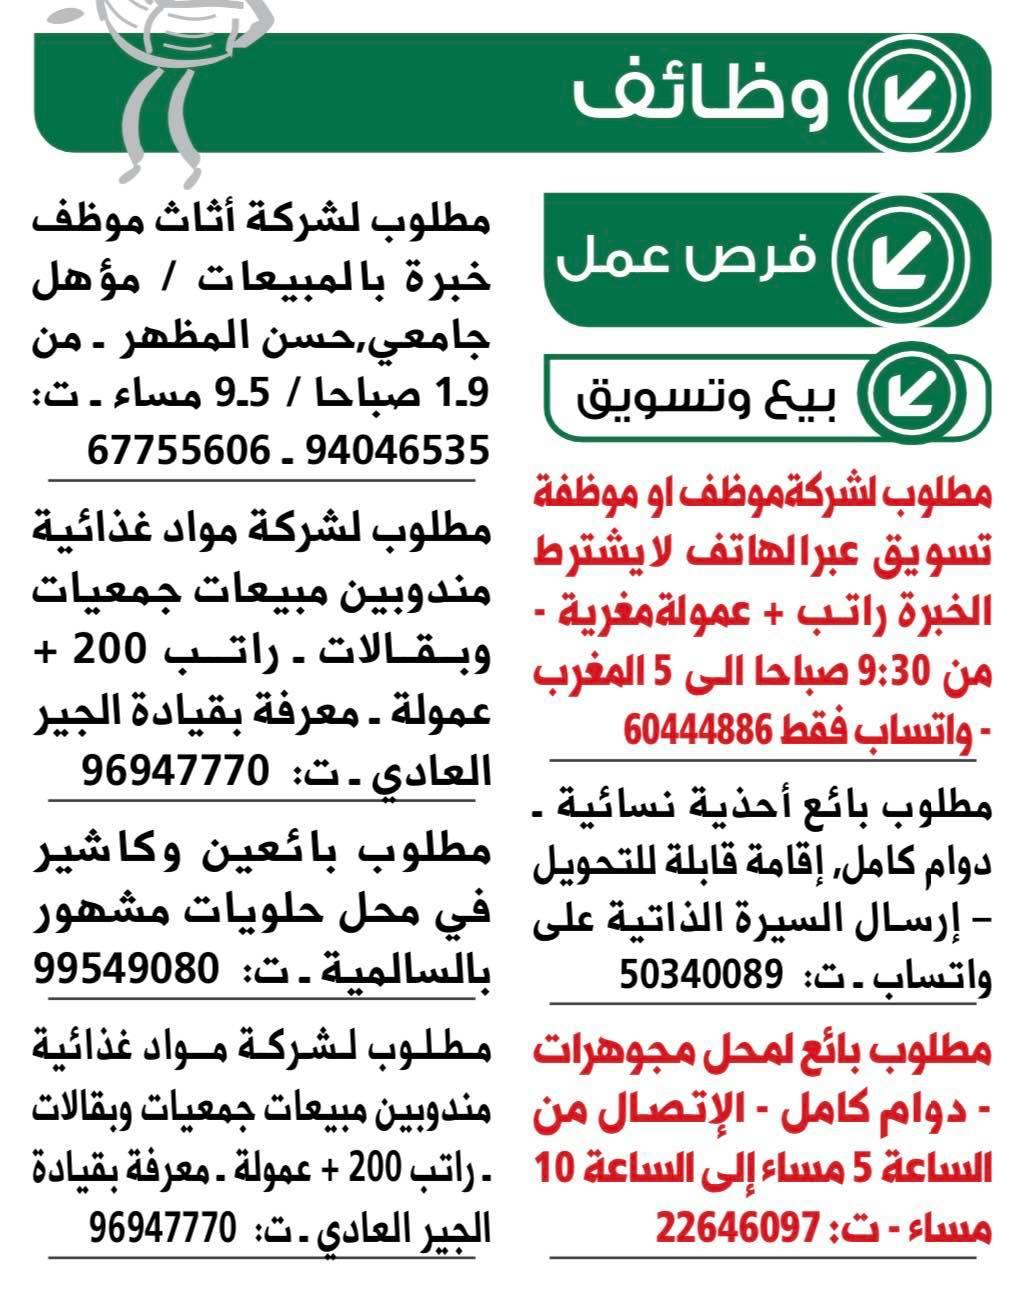 وظائف جريدة الوسيط الكويتية لعدد اليوم الثلاثاء 24/2/2020 waseet Newspaper jobs in kuwait